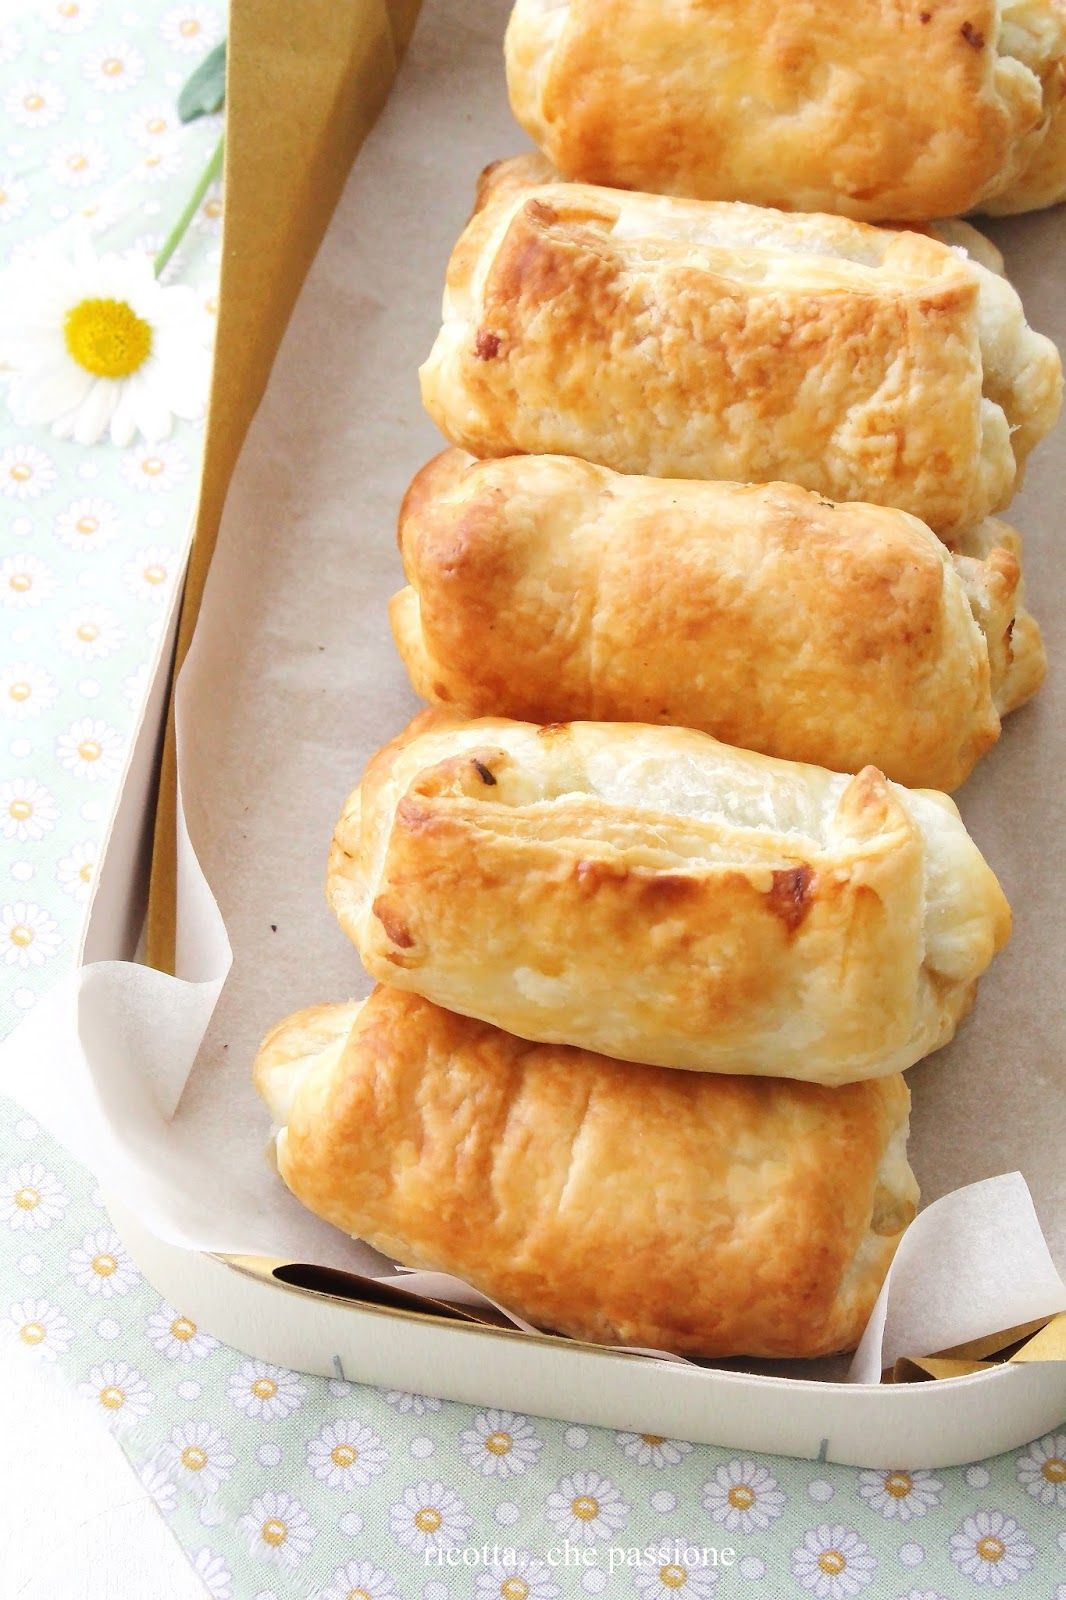 Rotolini con arista al forno, zucchine, noci e basilico da: ricotta...che passione: finger food